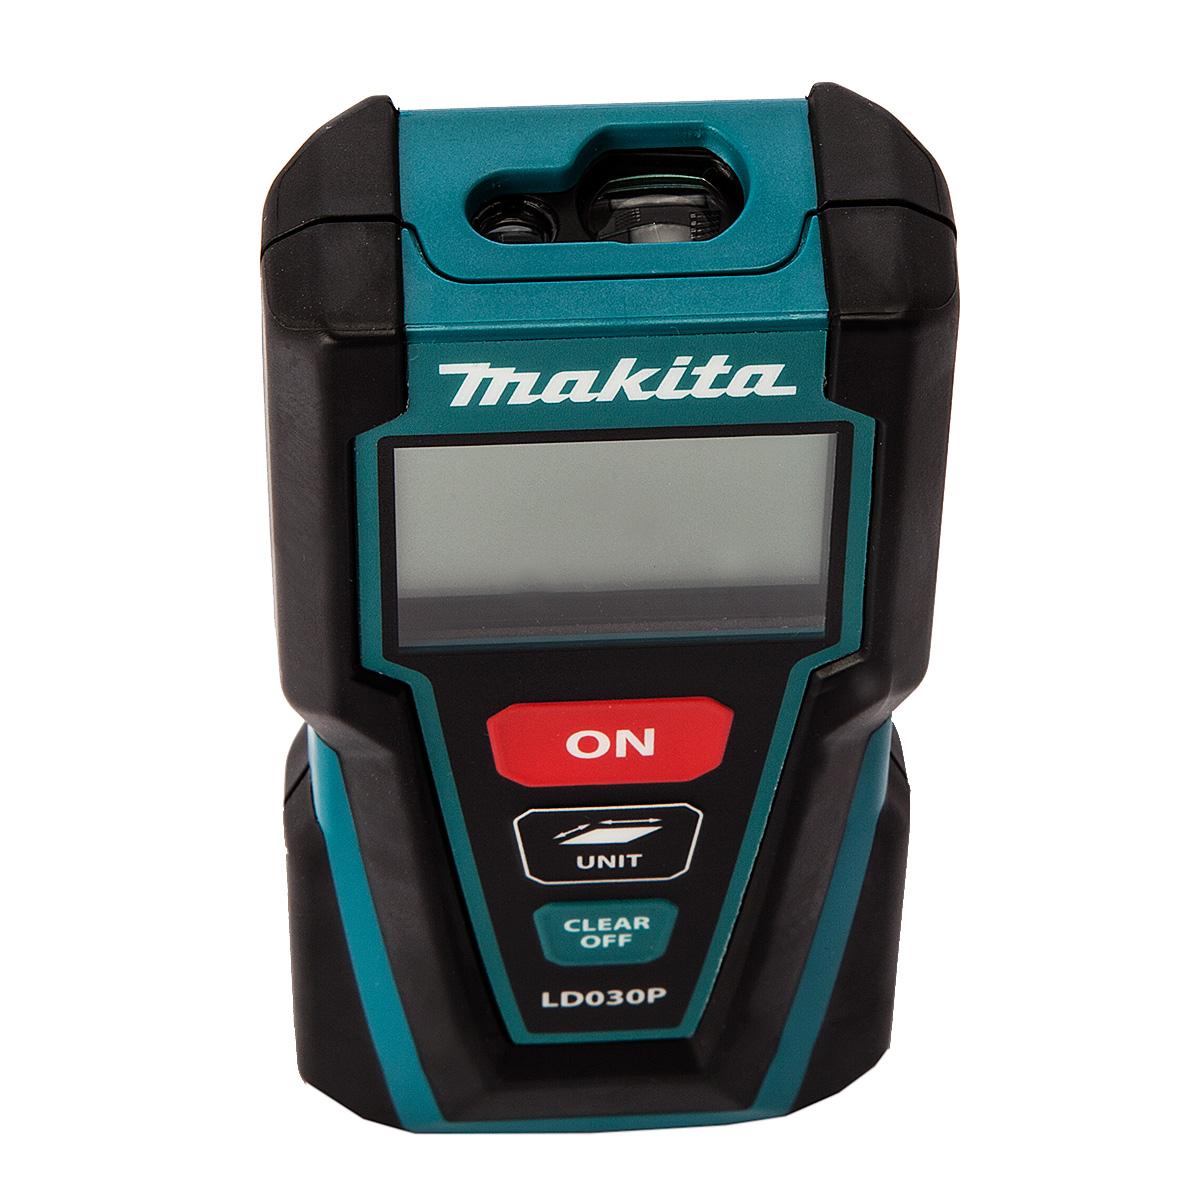 Makita LD030P laserski daljinometar